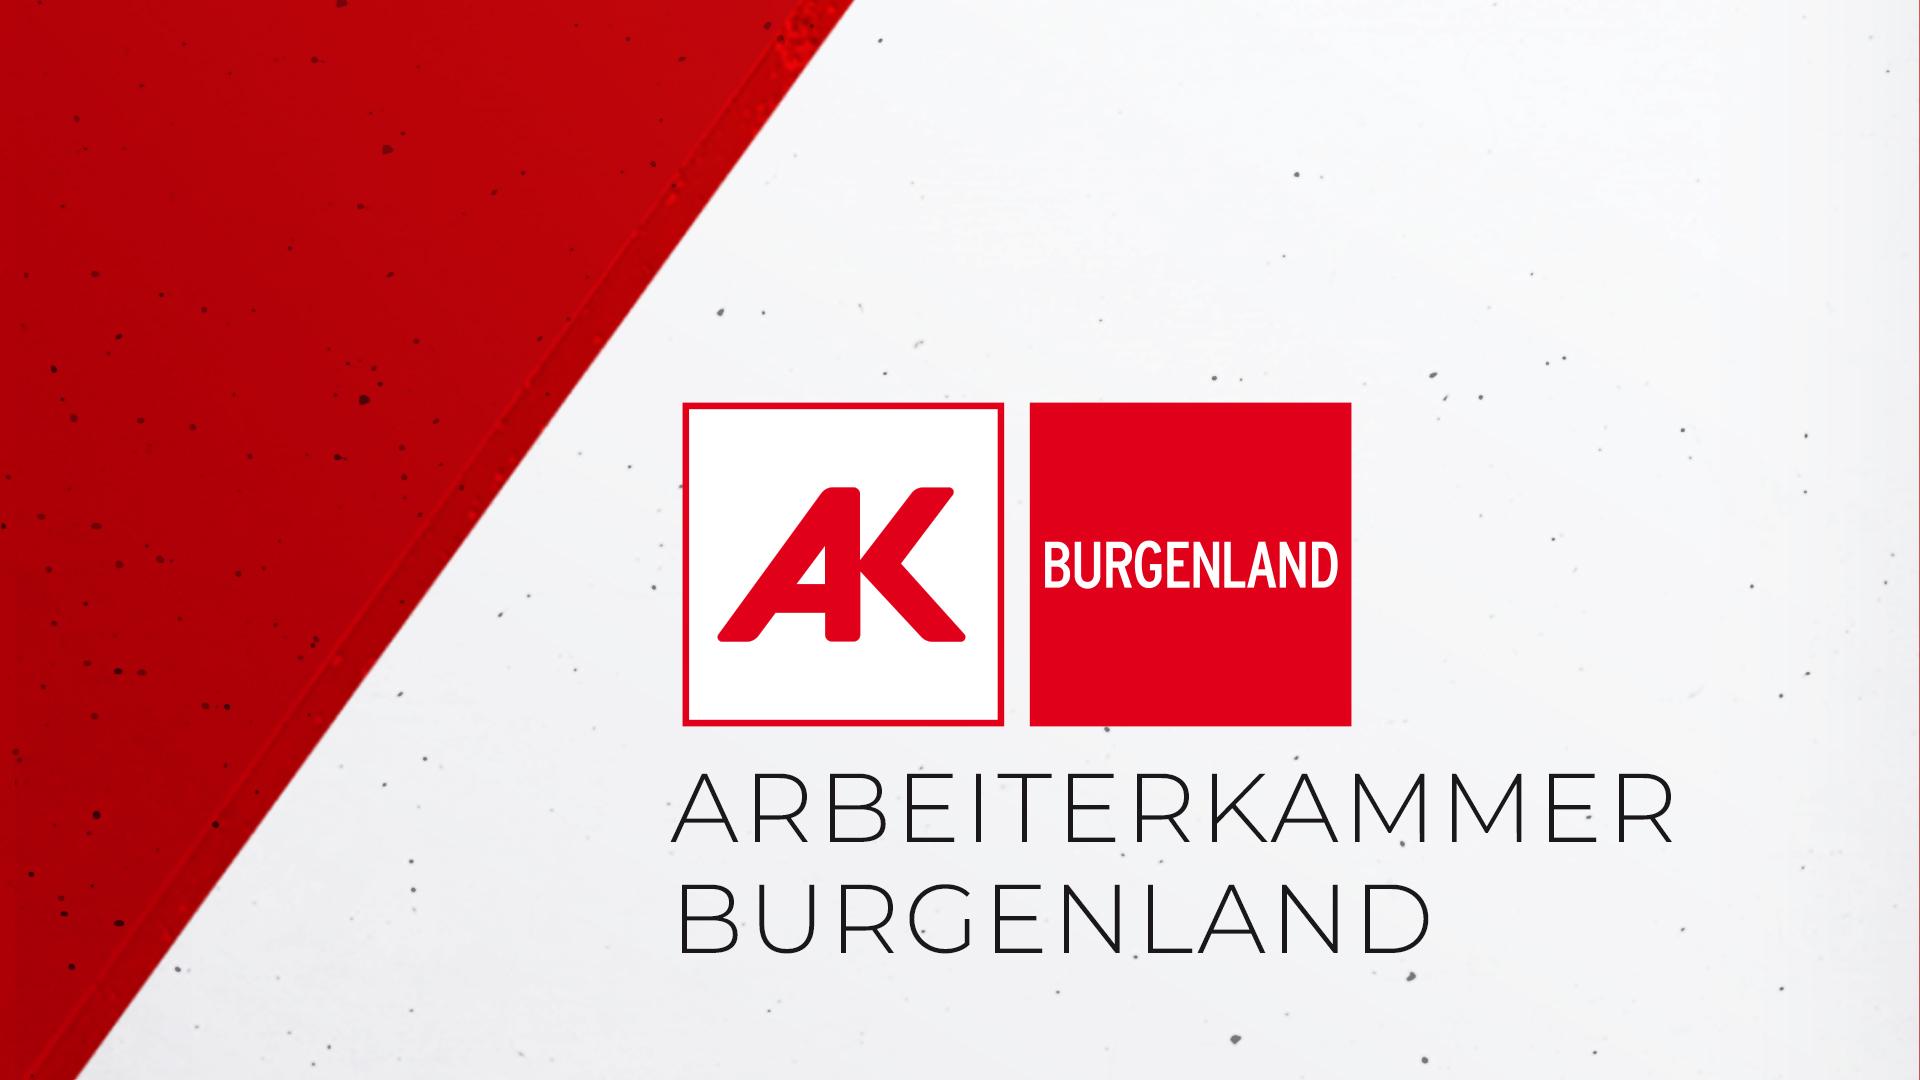 Arbeit Recht Arbeiterkammer Burgenland